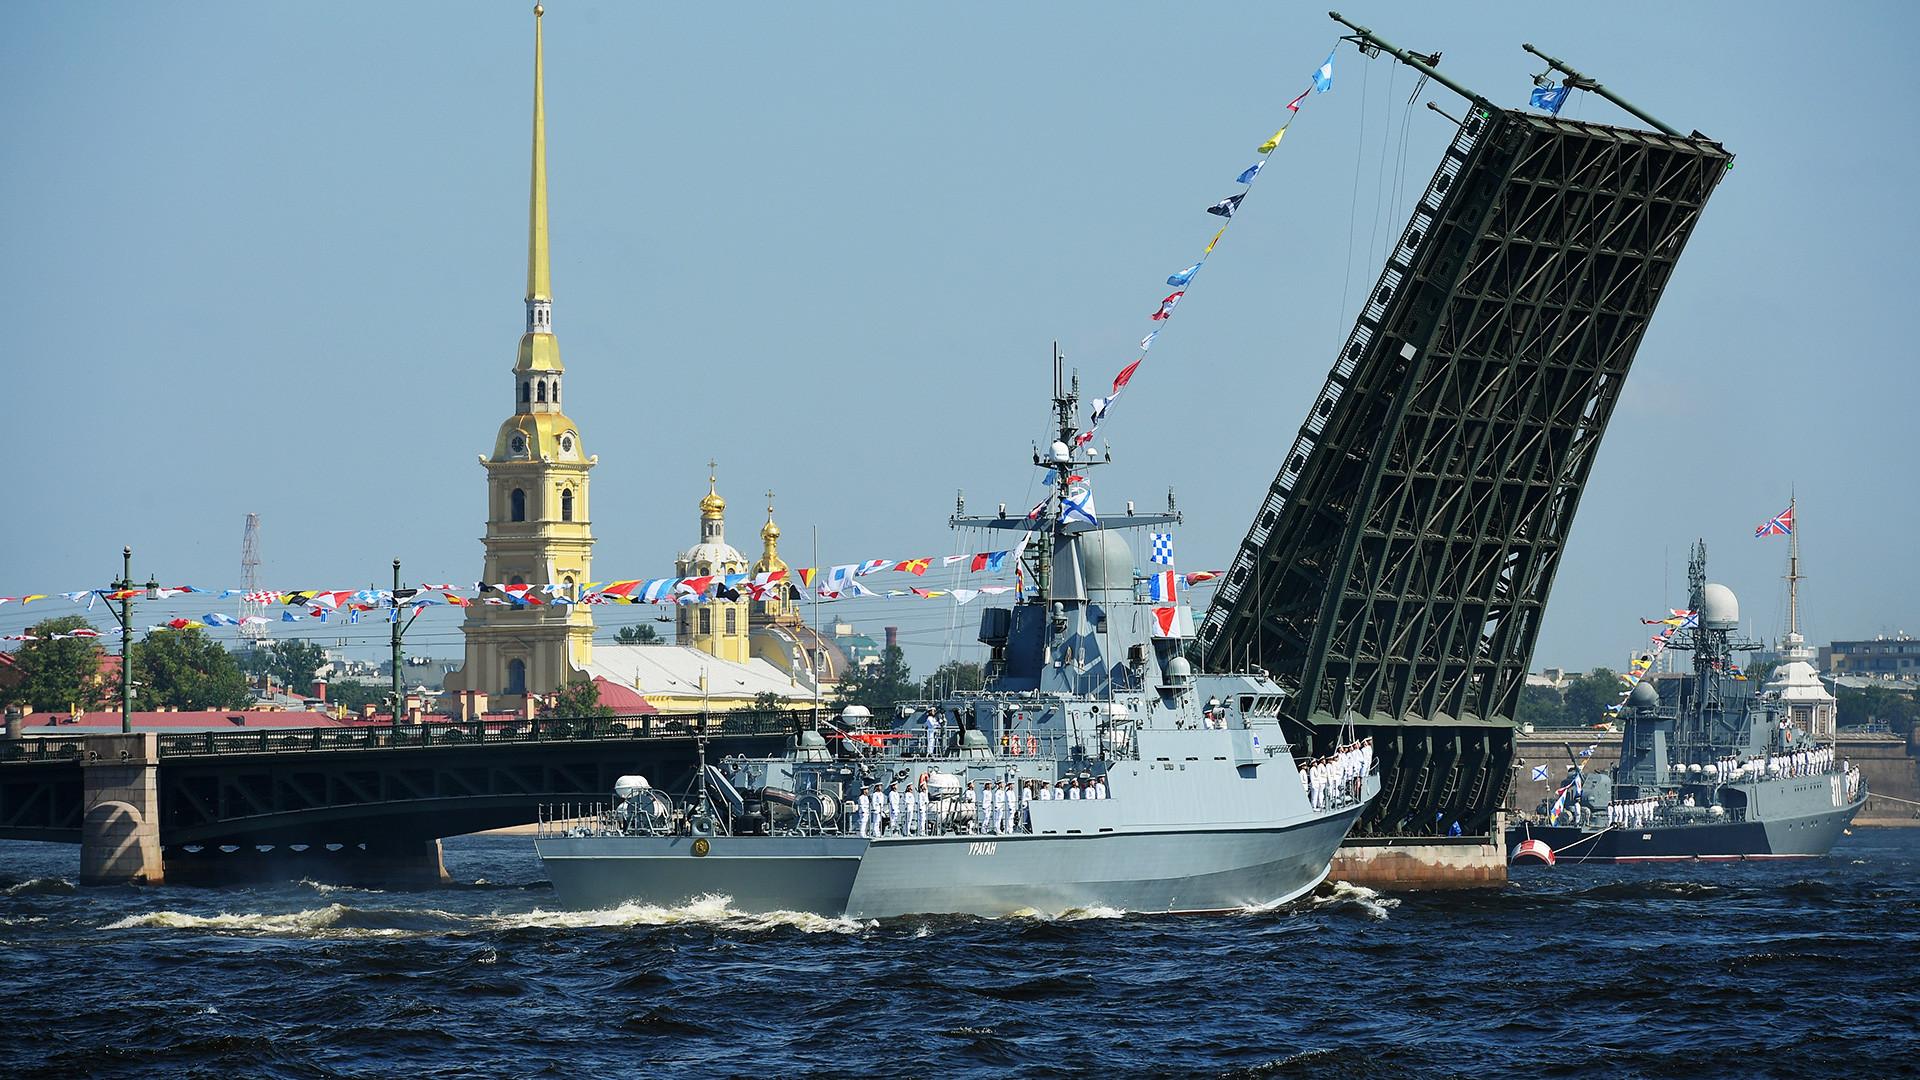 """Mali raketni brod """"Uragan"""" na glavnoj pomorskoj vojnoj paradi u Sankt-Peterburgu povodom Dana ratne mornarice Rusije."""